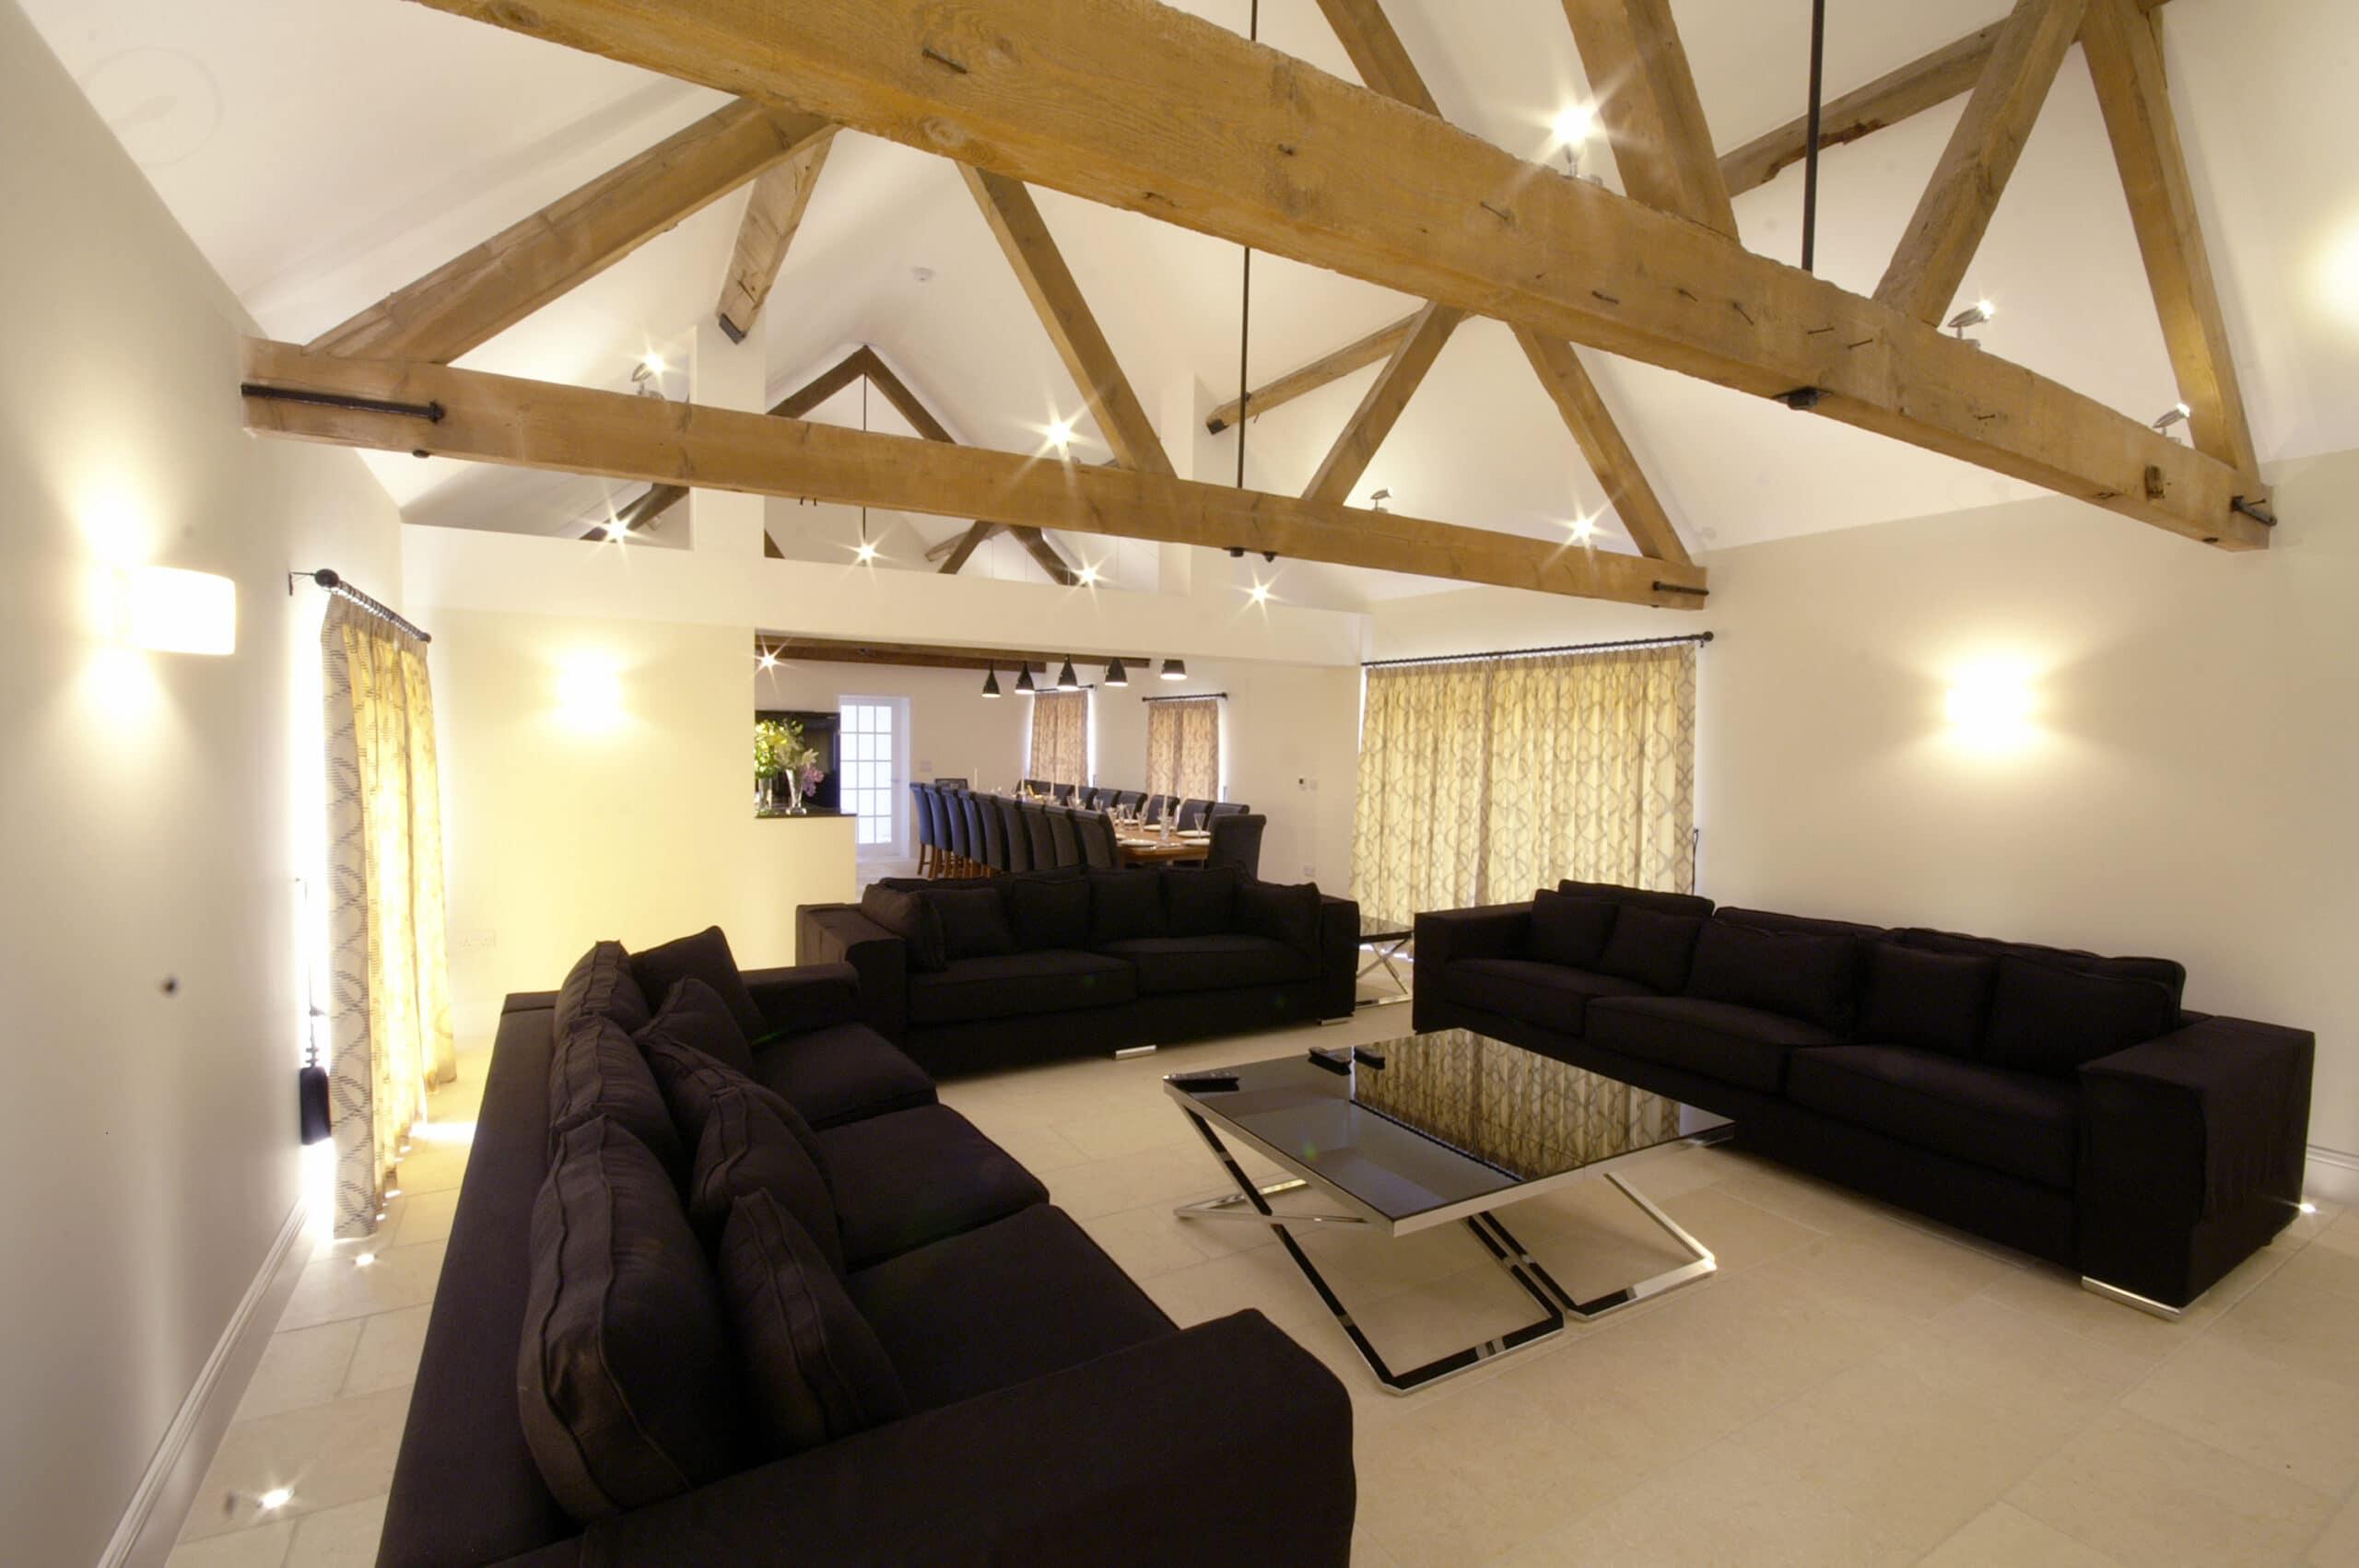 The Barn Living room slider image